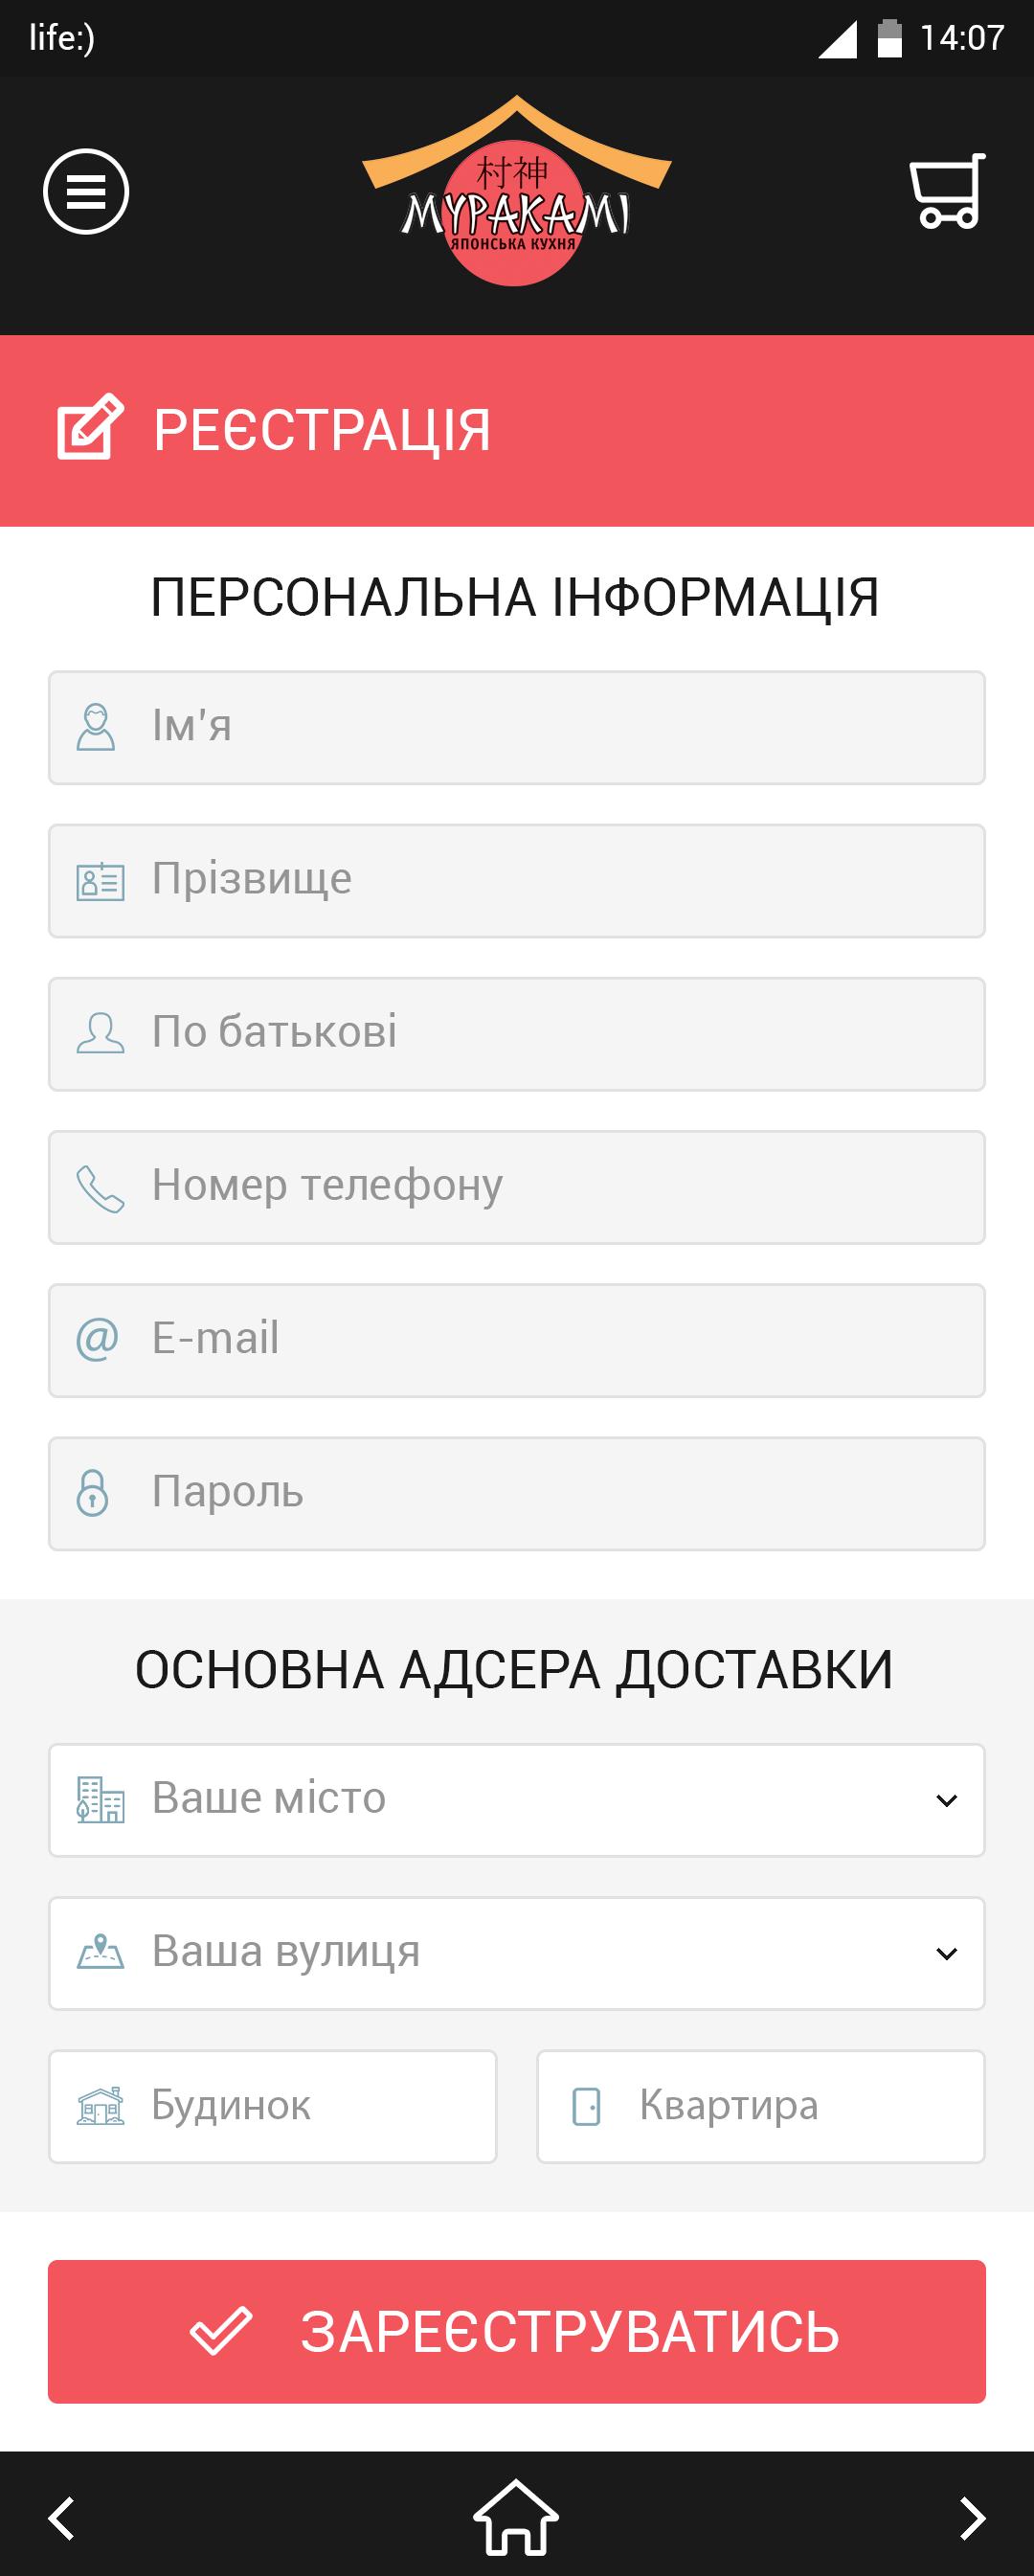 app_murakami_v3_registration